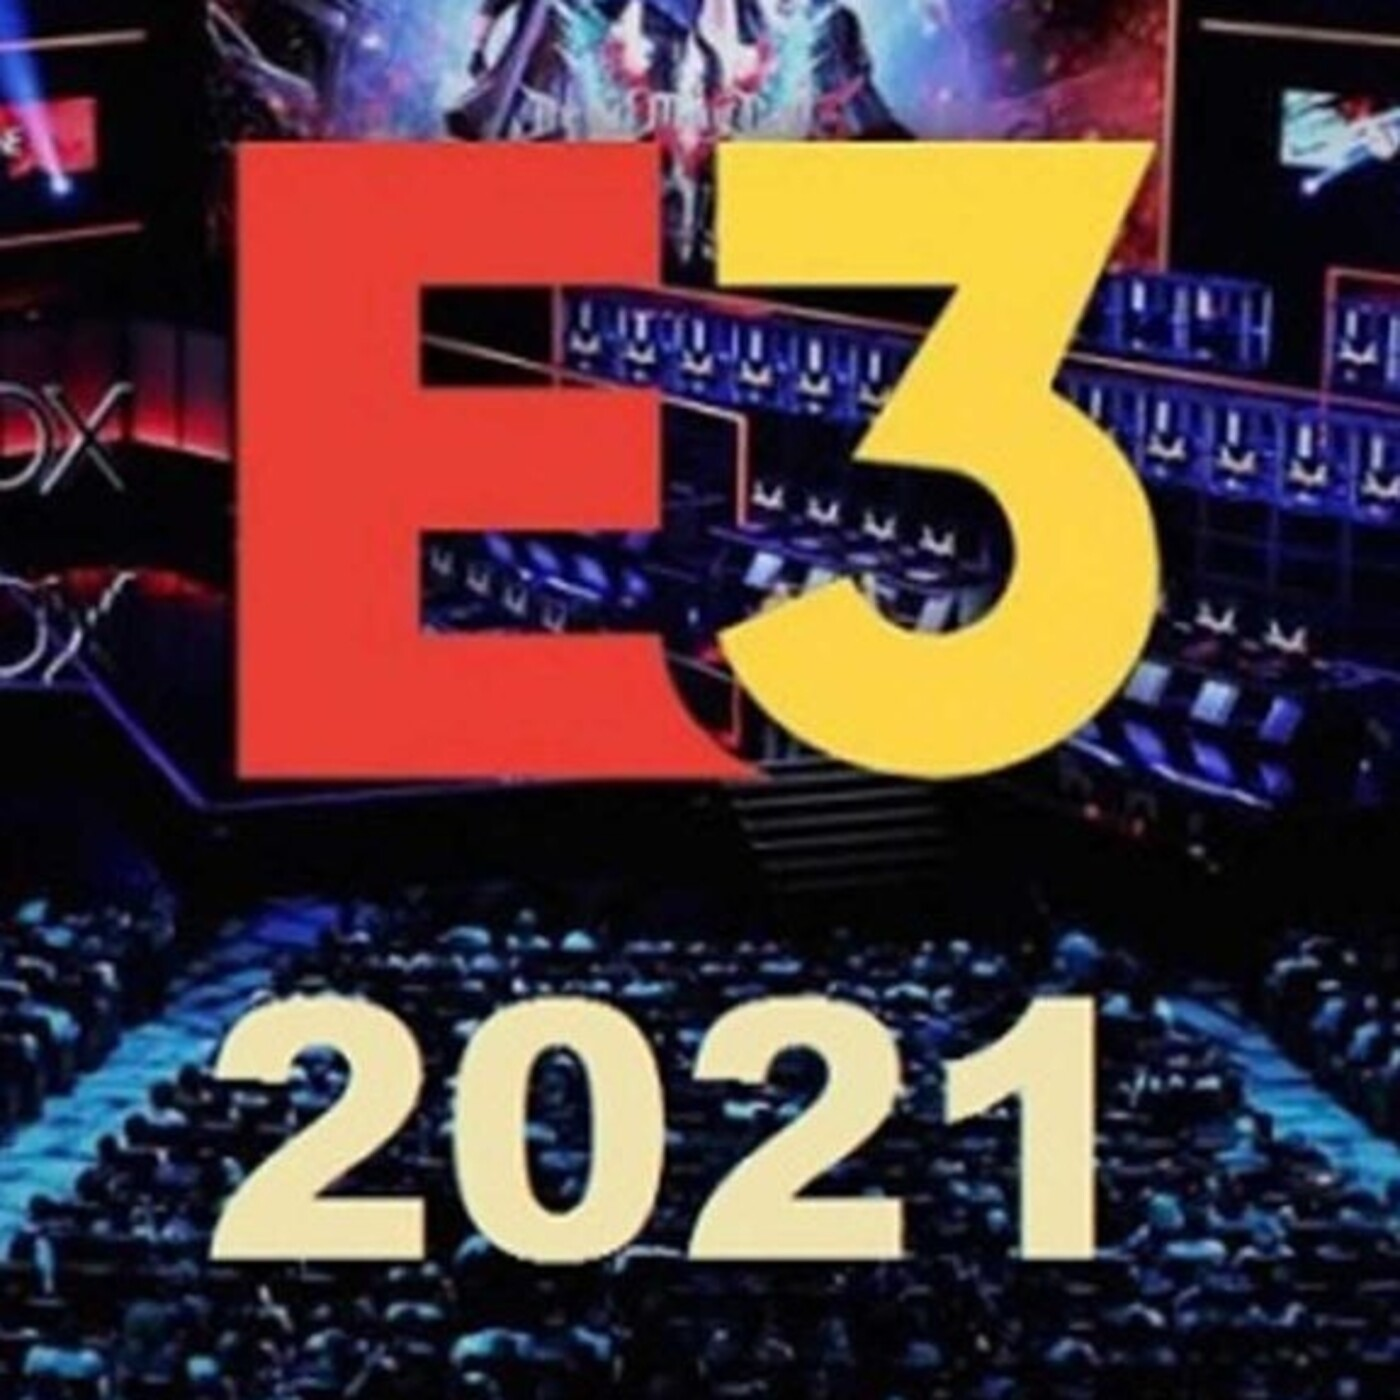 Rtfm 4x07 : Pre E3 , quiniela , deseos y pajas mentales